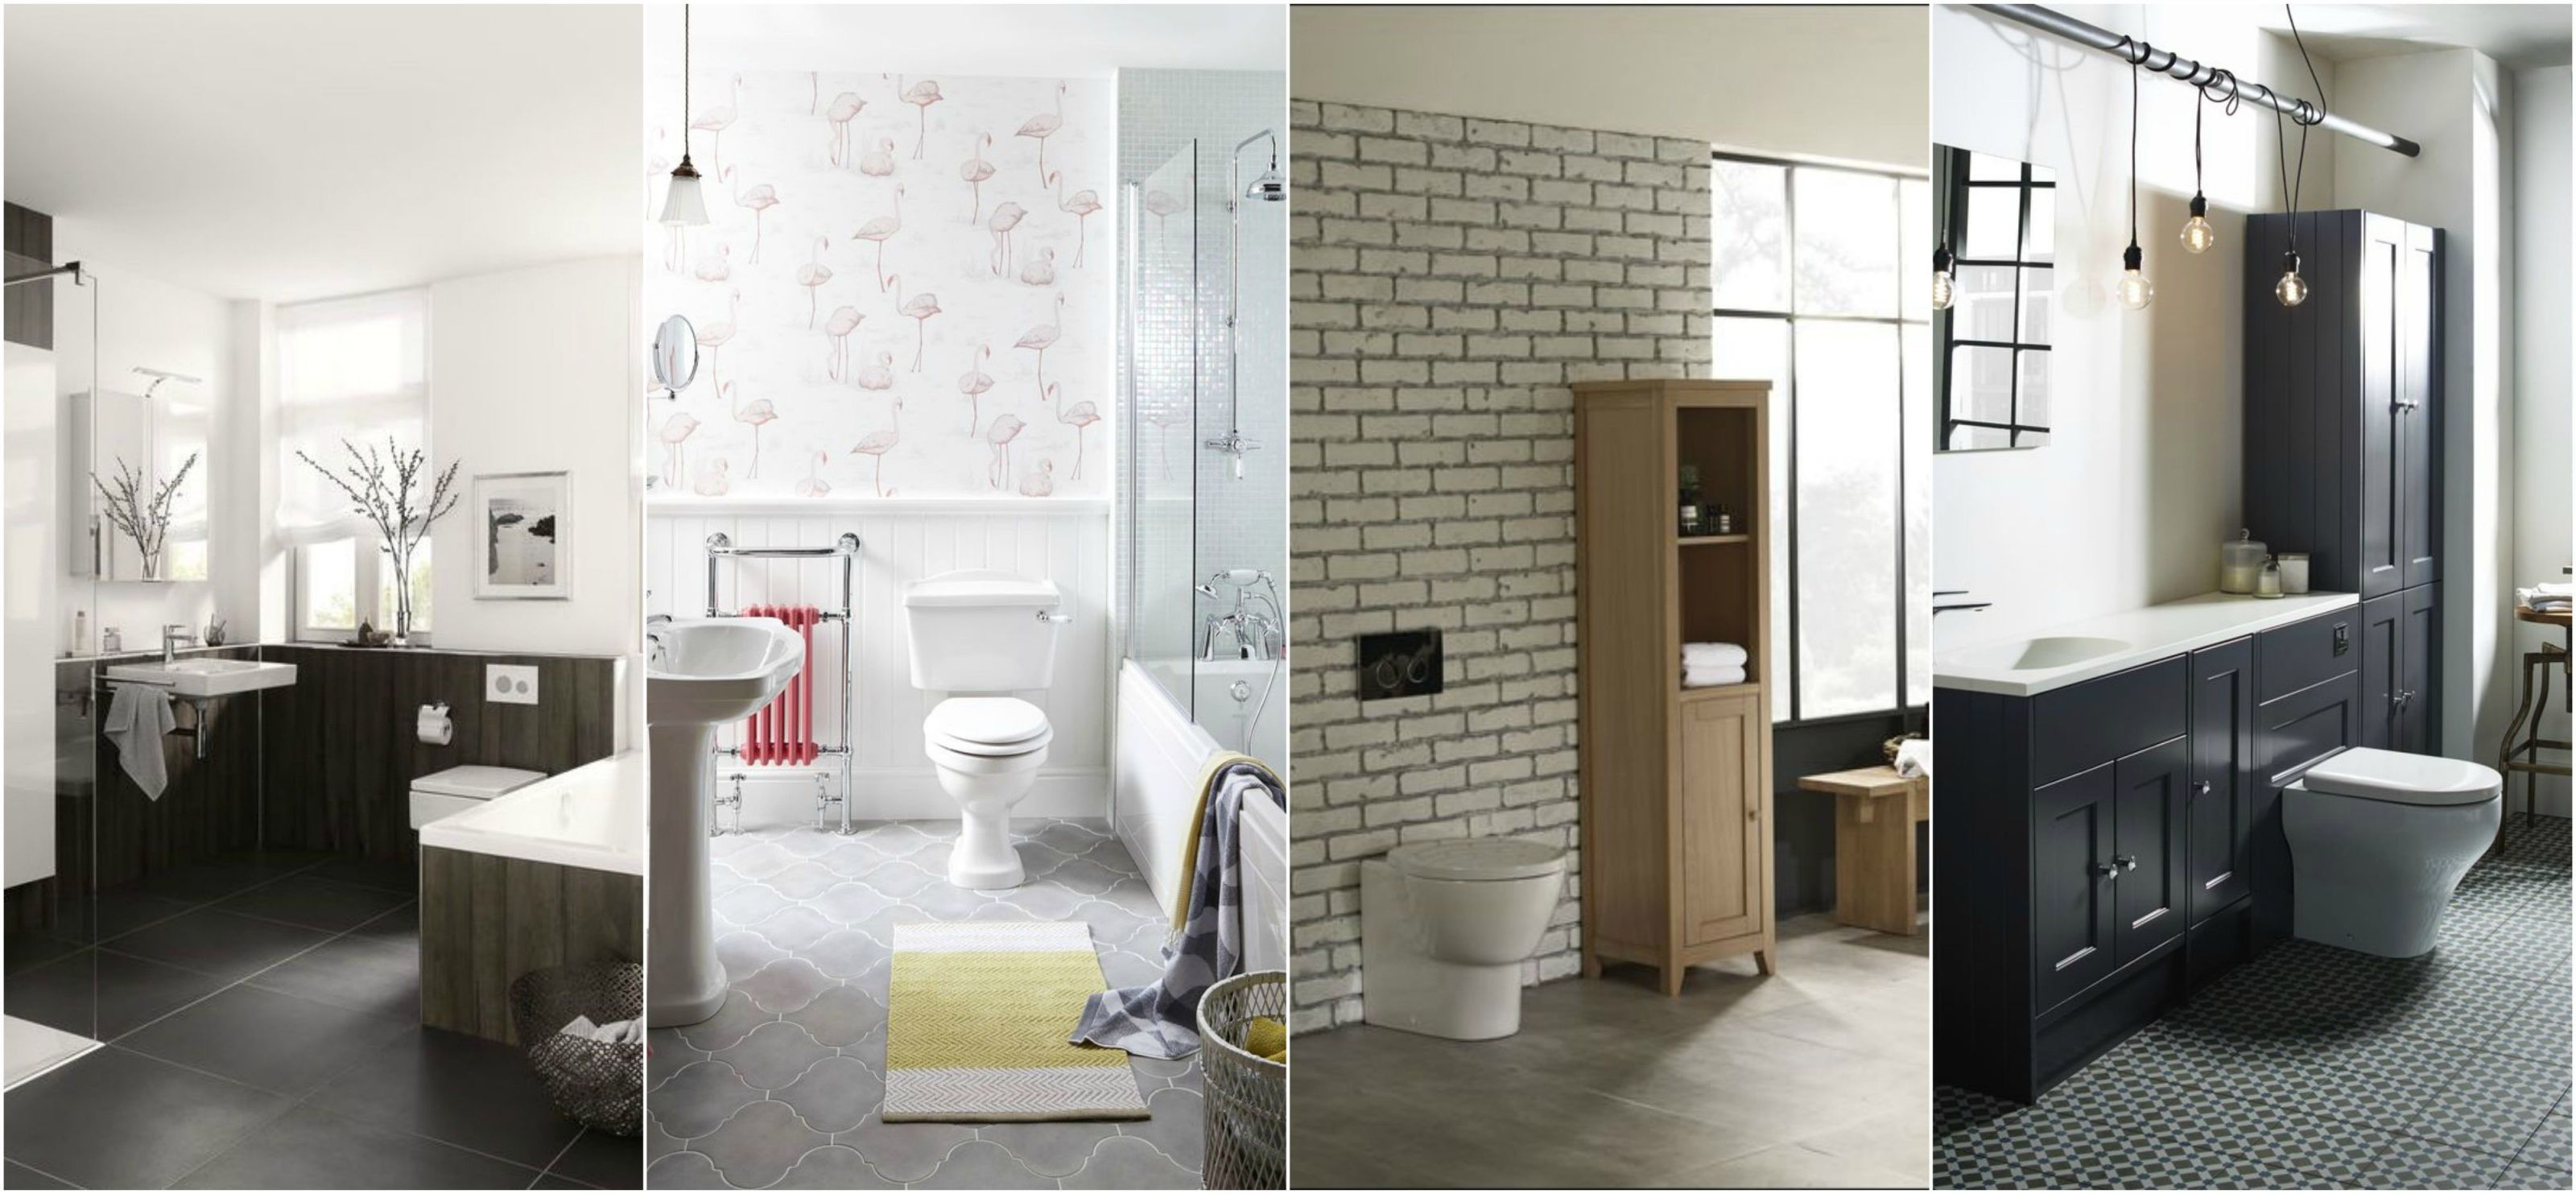 Dream Bathrooms Collage